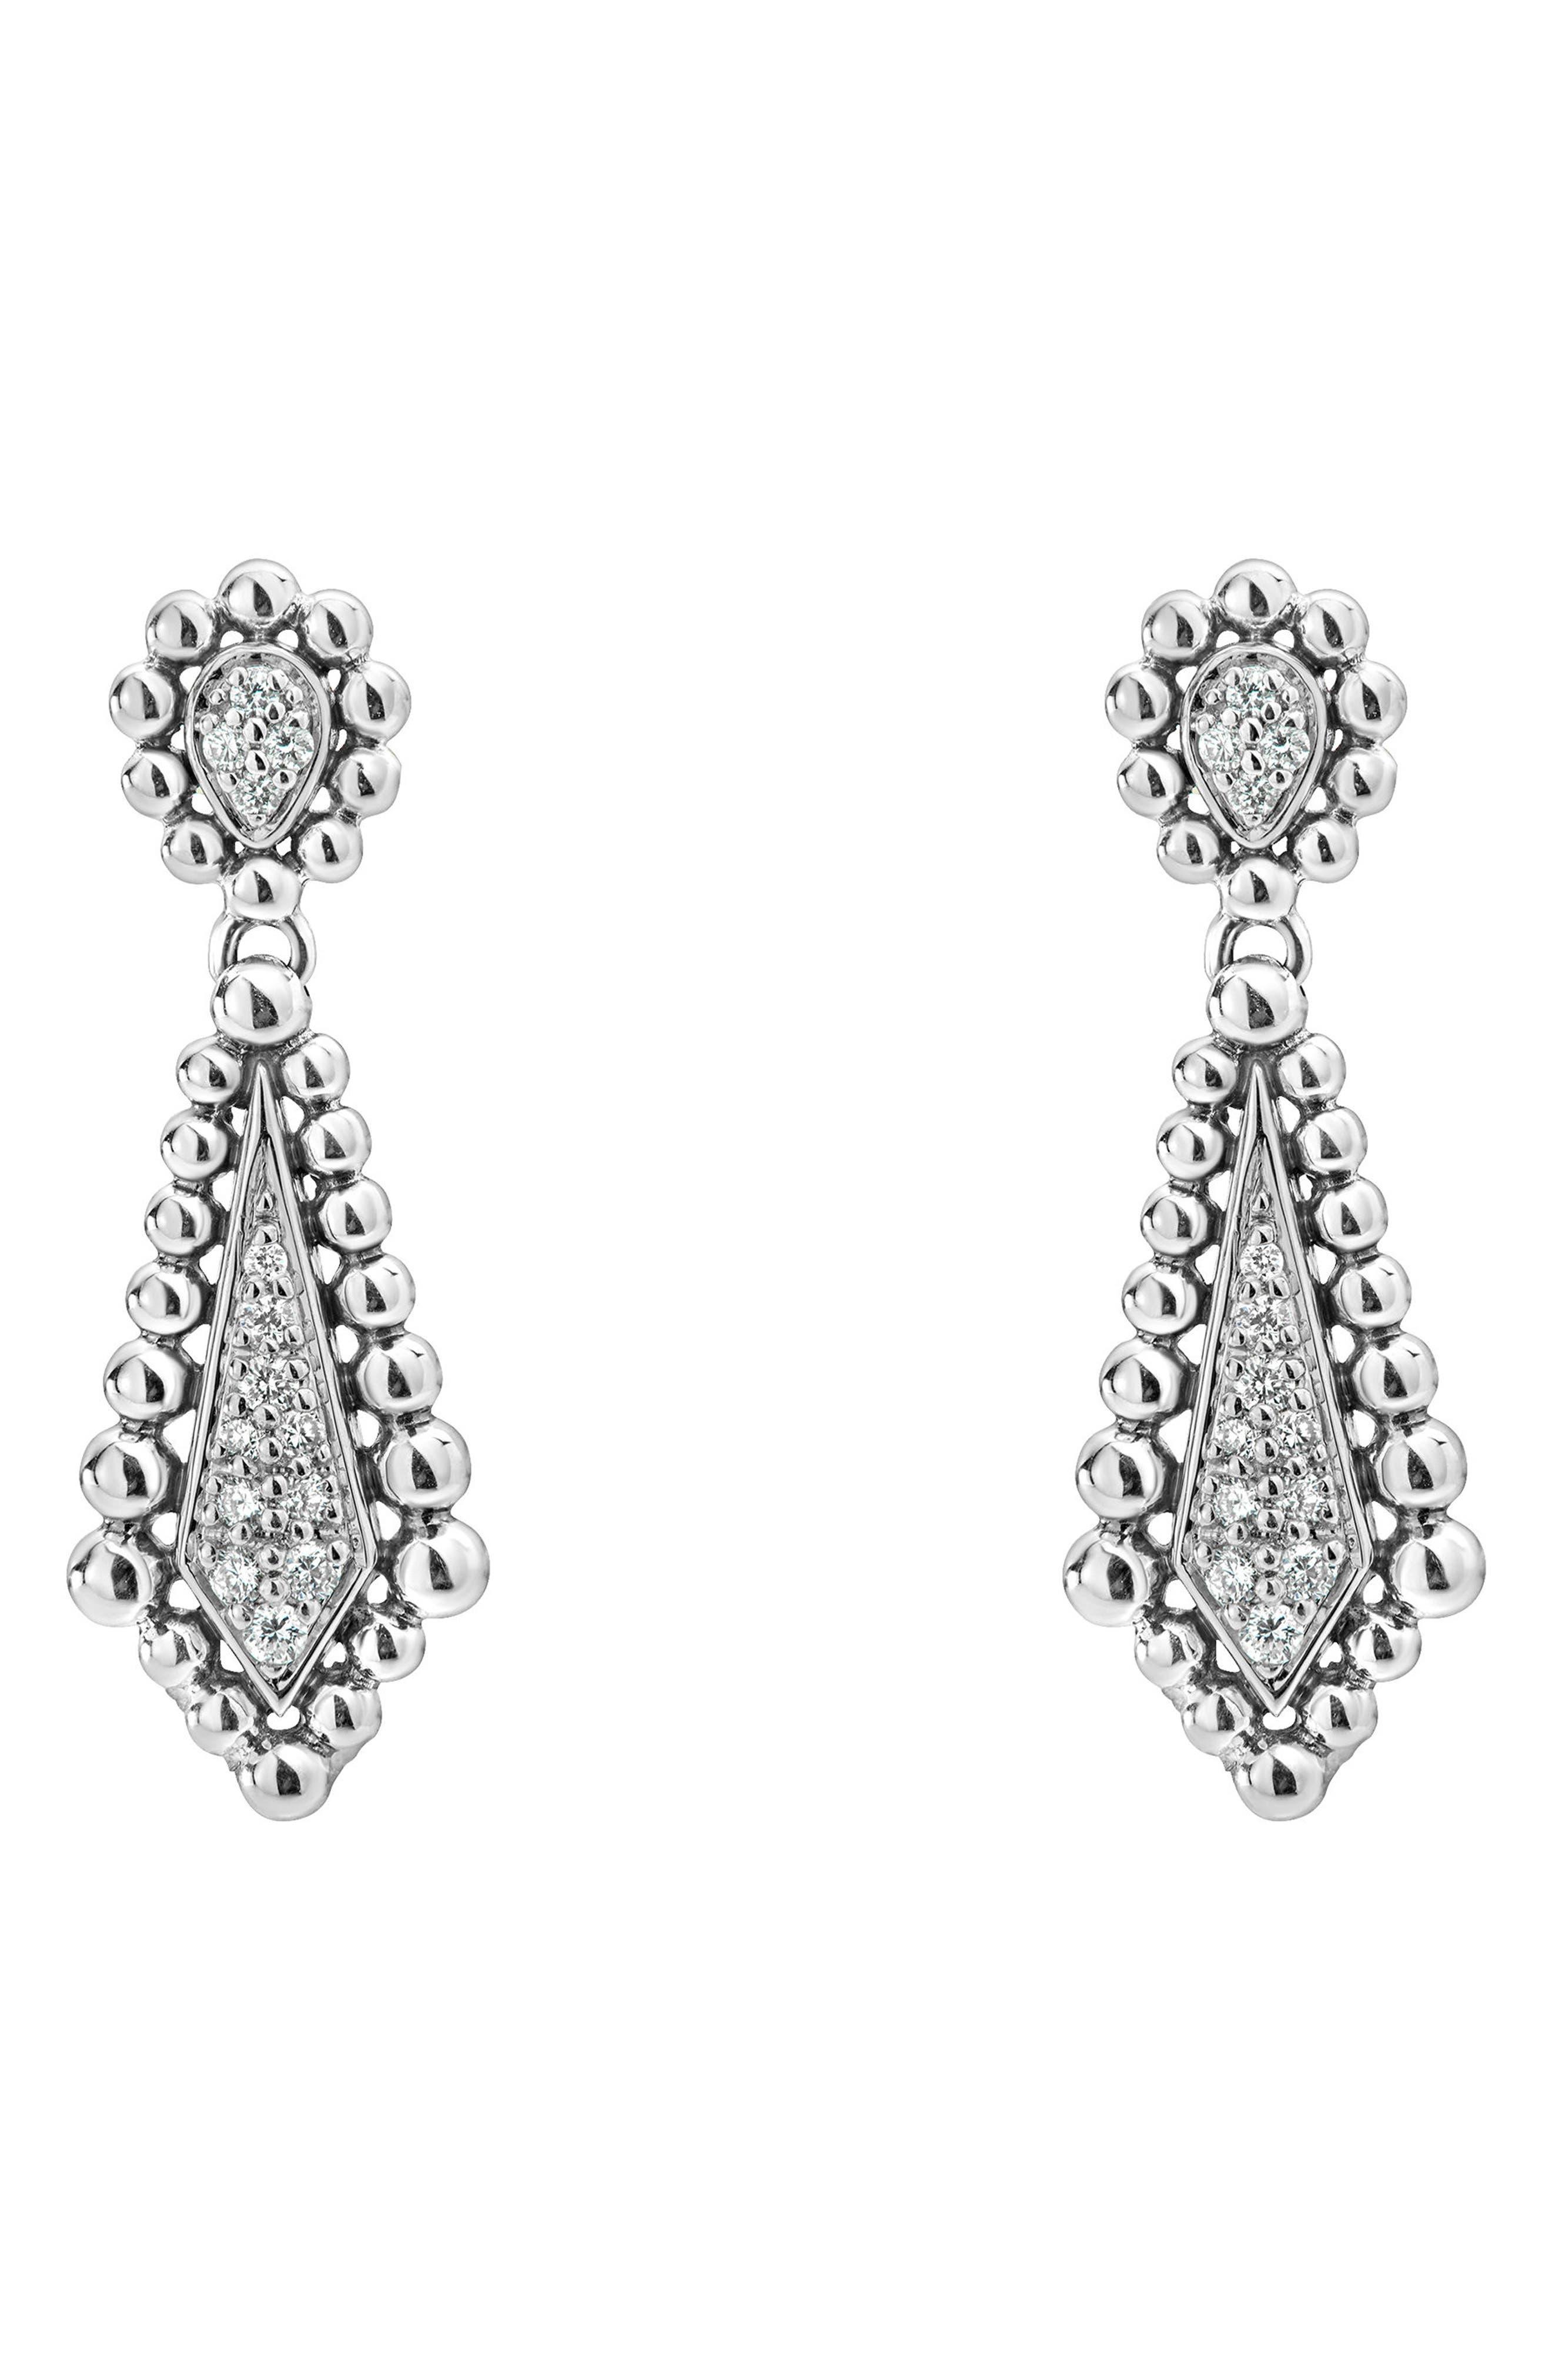 Main Image - LAGOS Caviar Spark Diamond Earrings